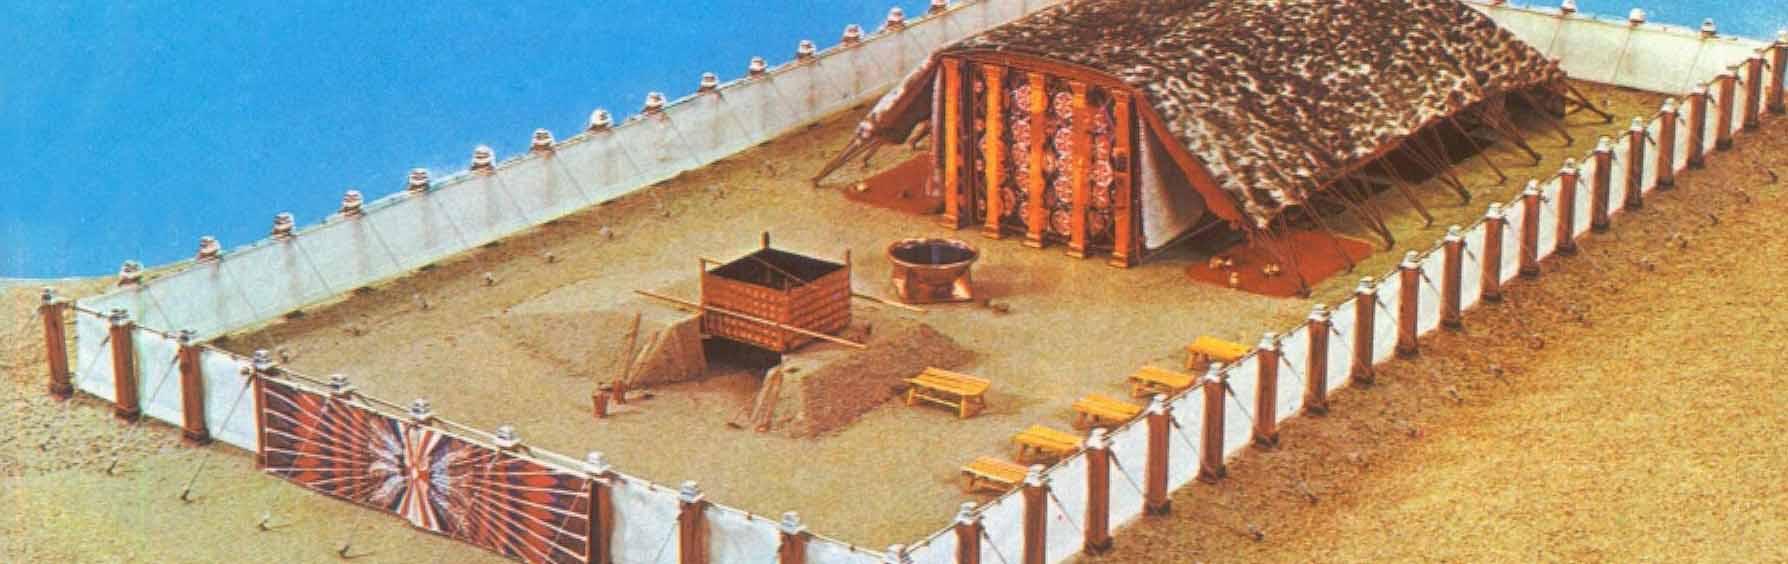 La tabernacle est une tente utilisée par les juifs dans le désert pour adorer Dieu